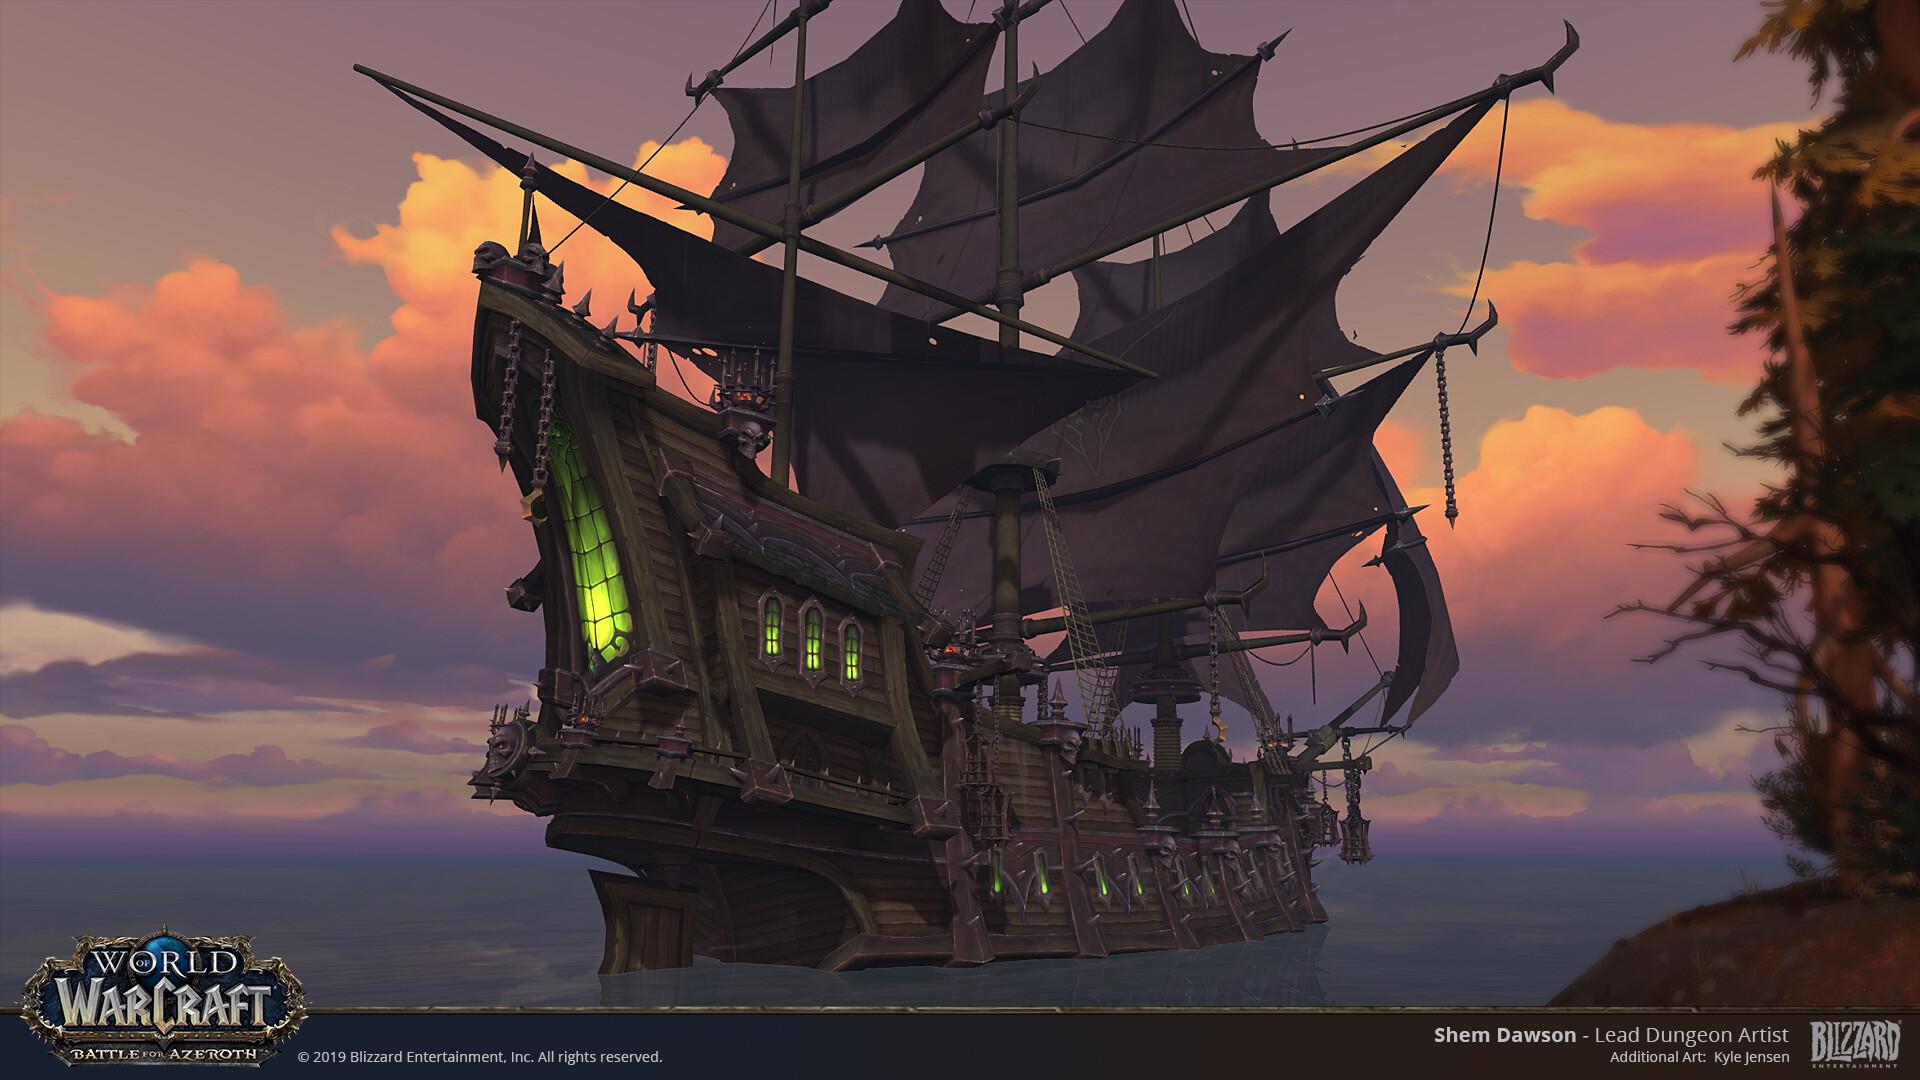 Shem dawson forskaen ship image08